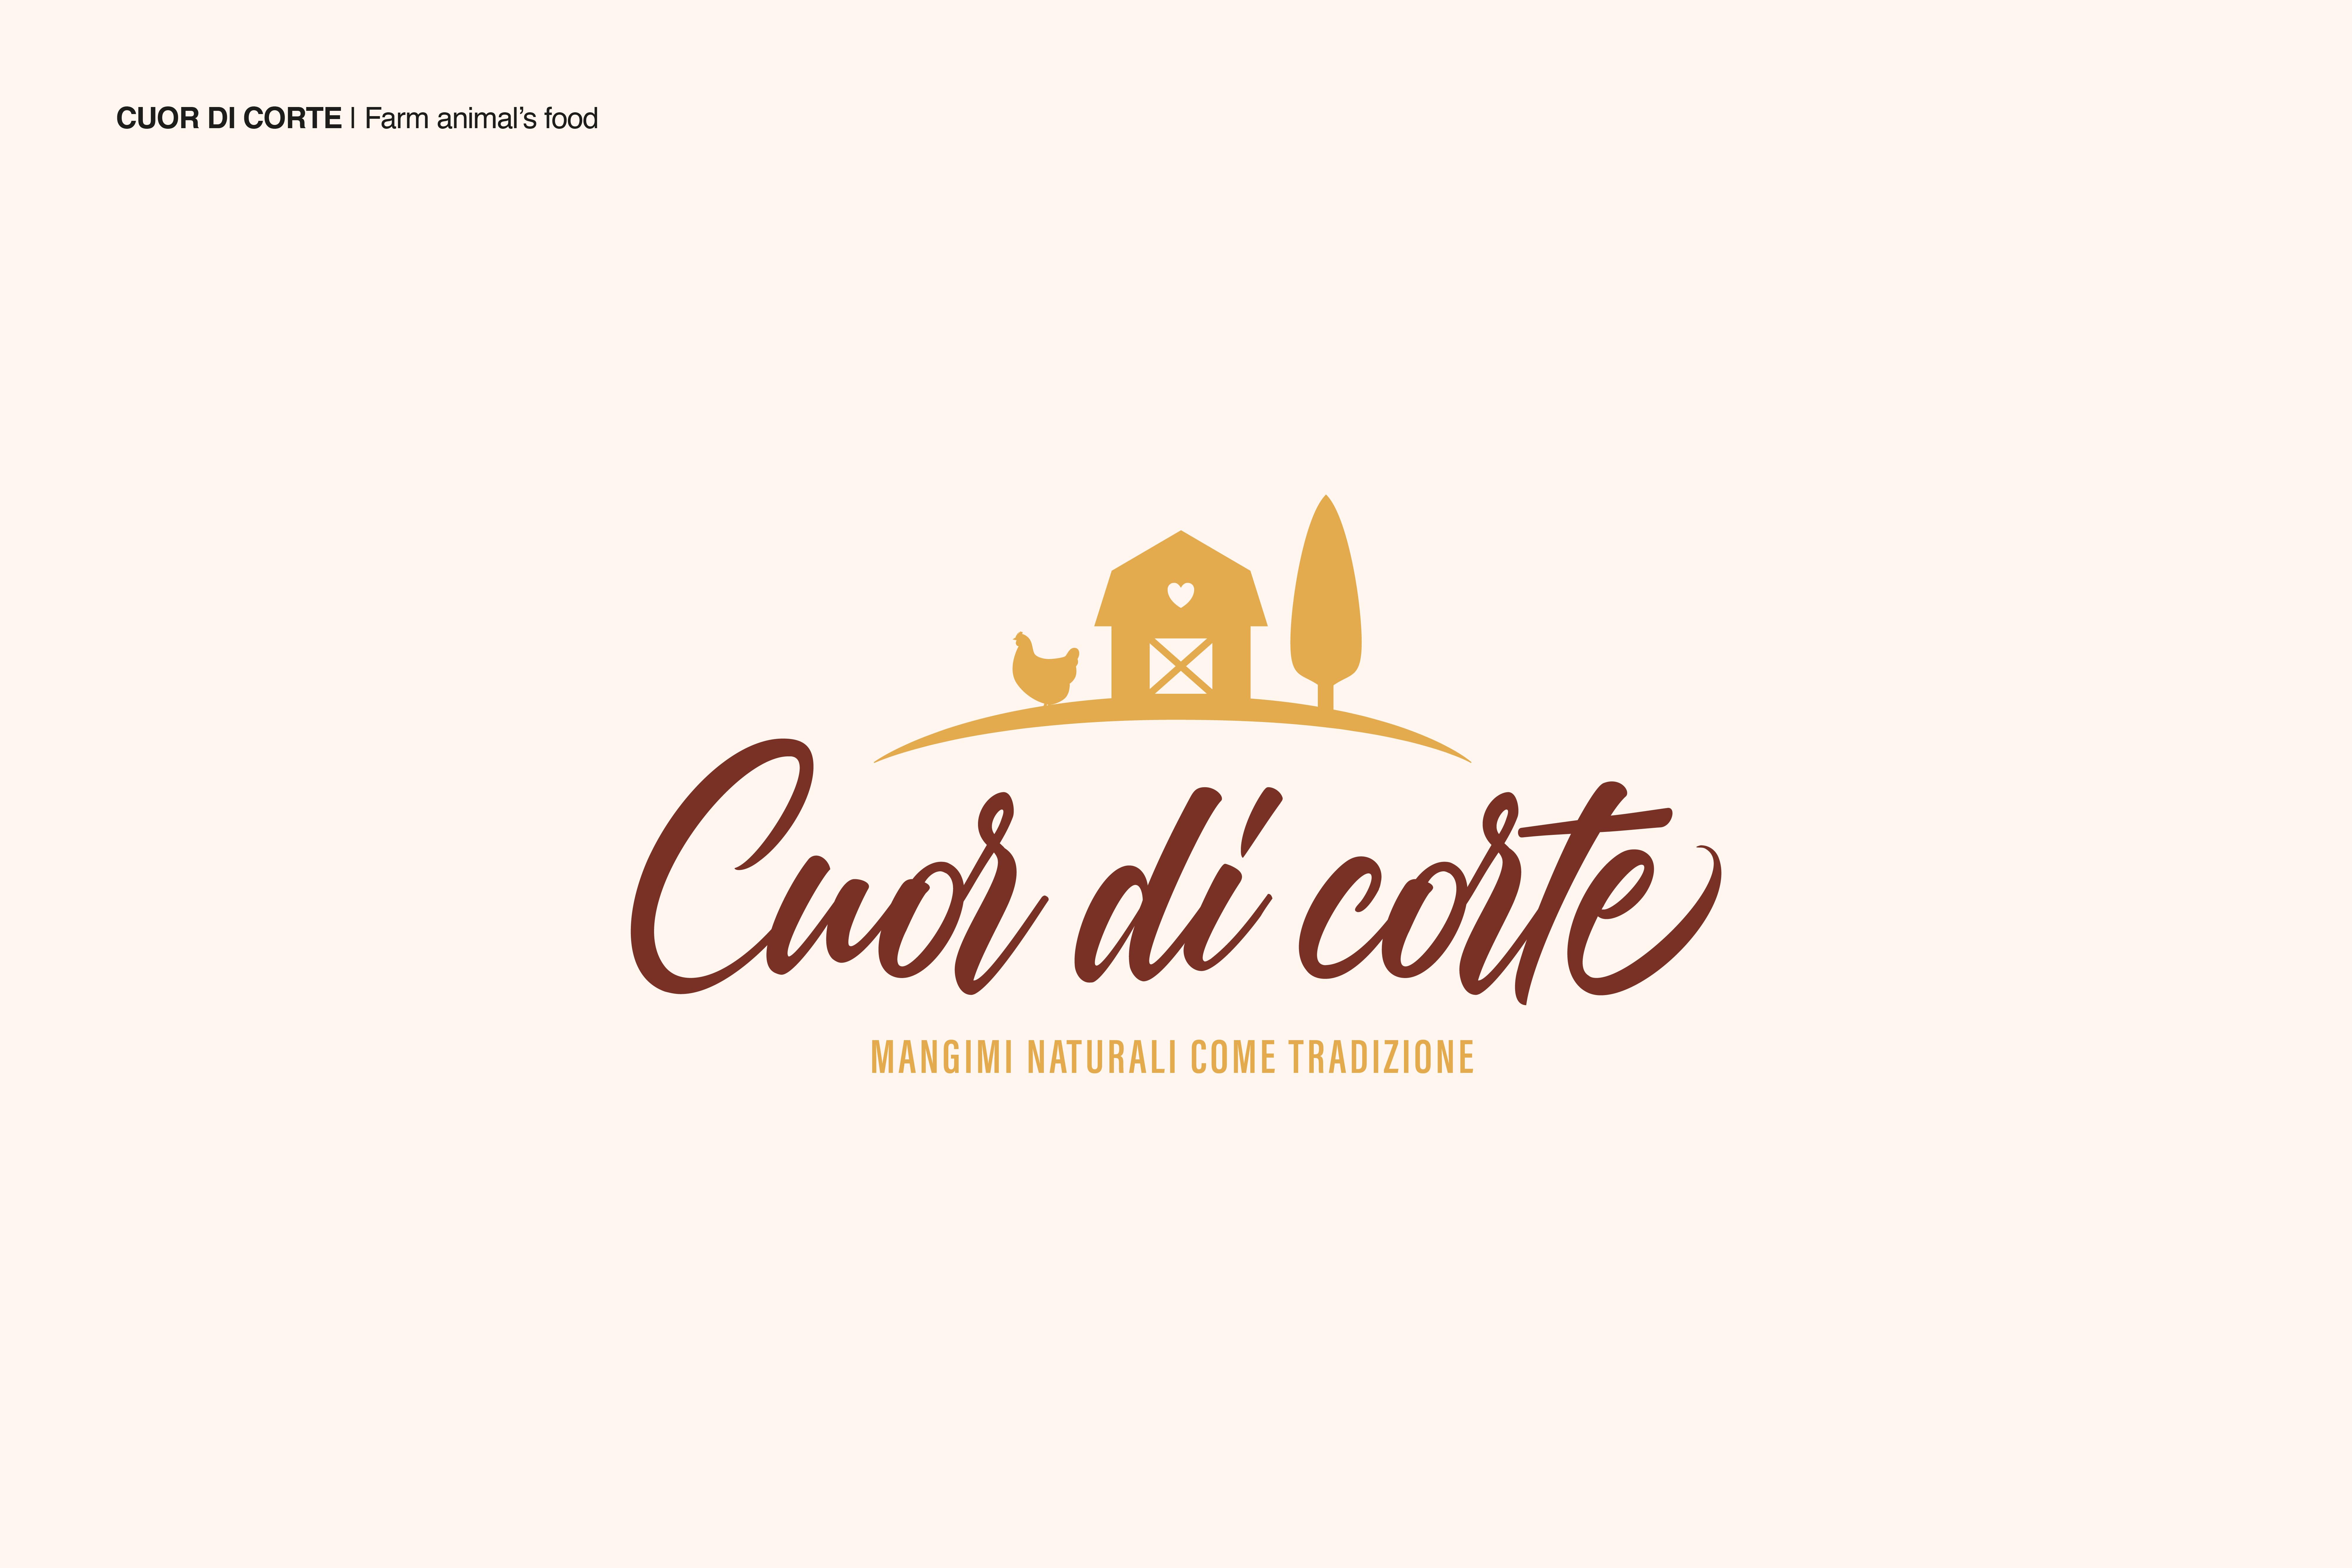 Logo Cuor di Corte by Zerouno Design